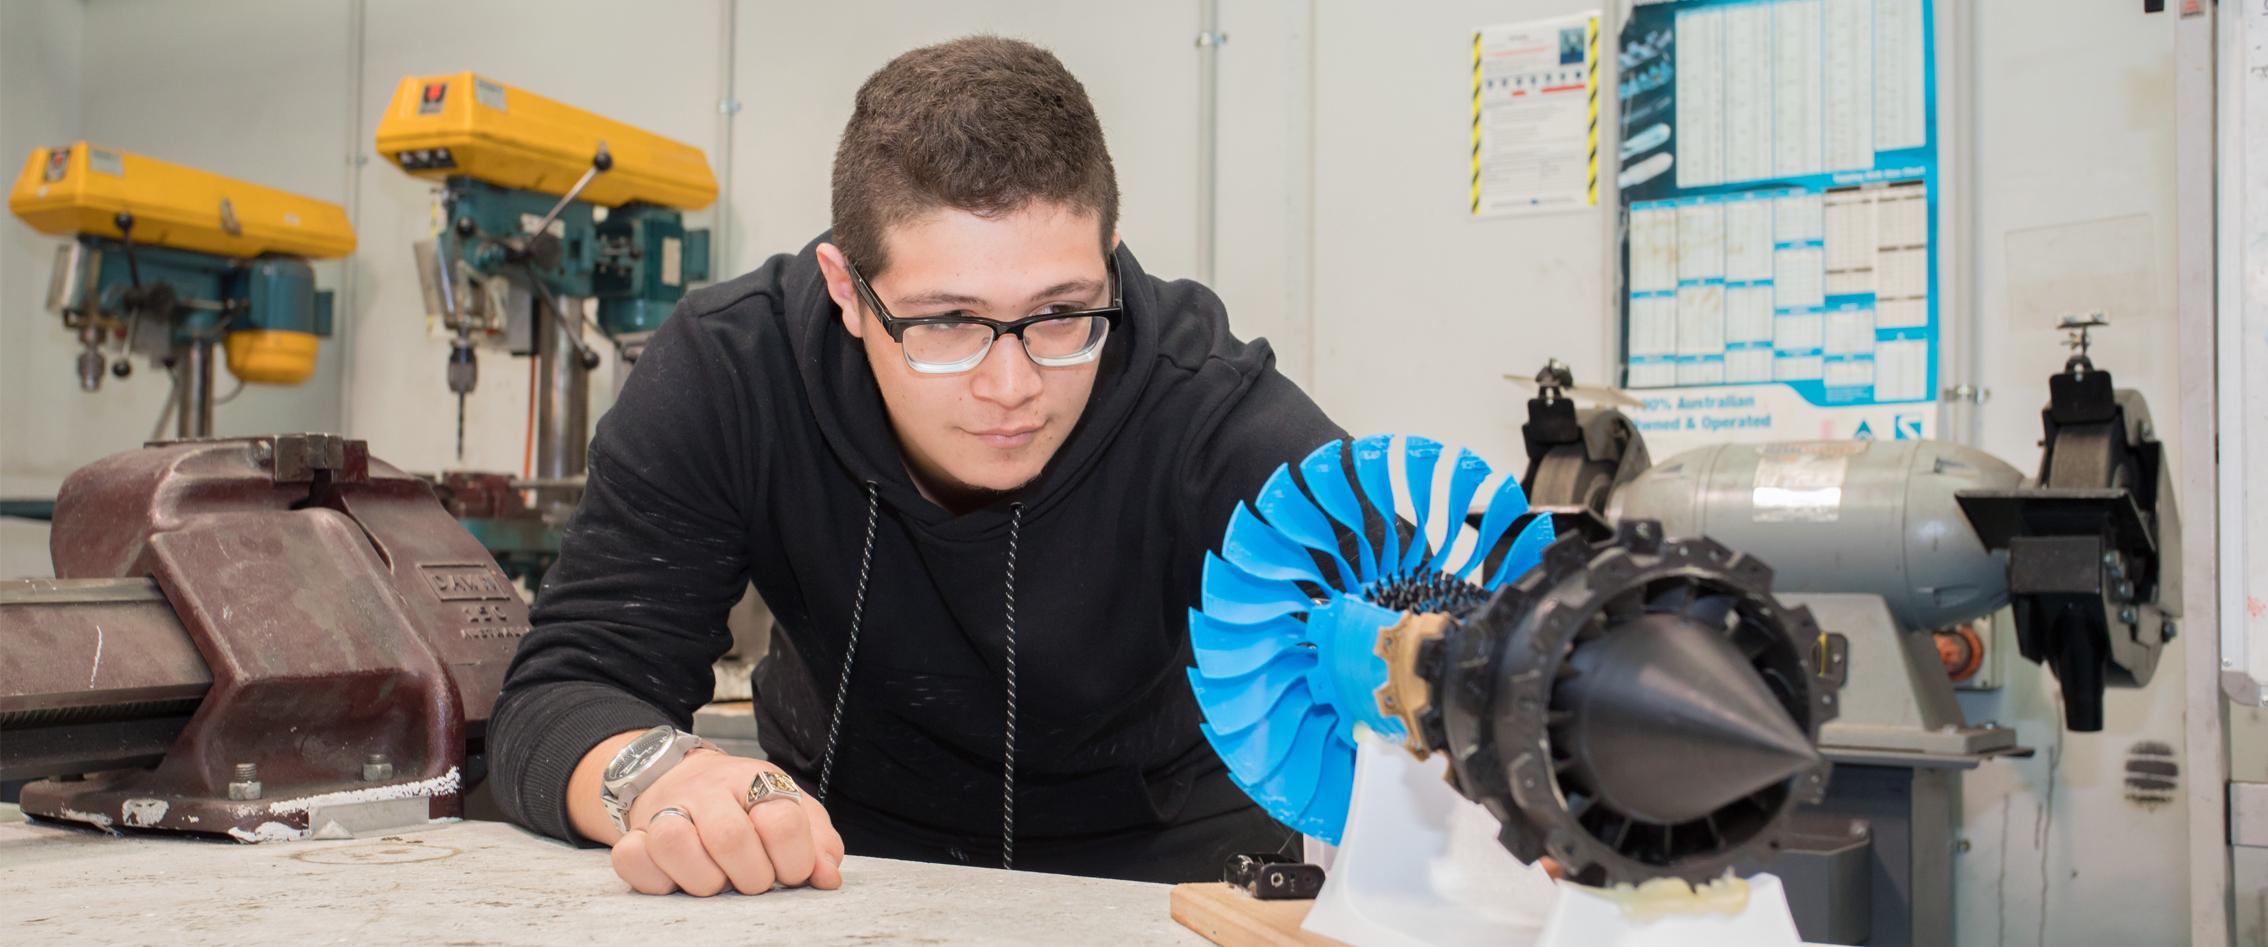 08-Jack-the-turbine-man